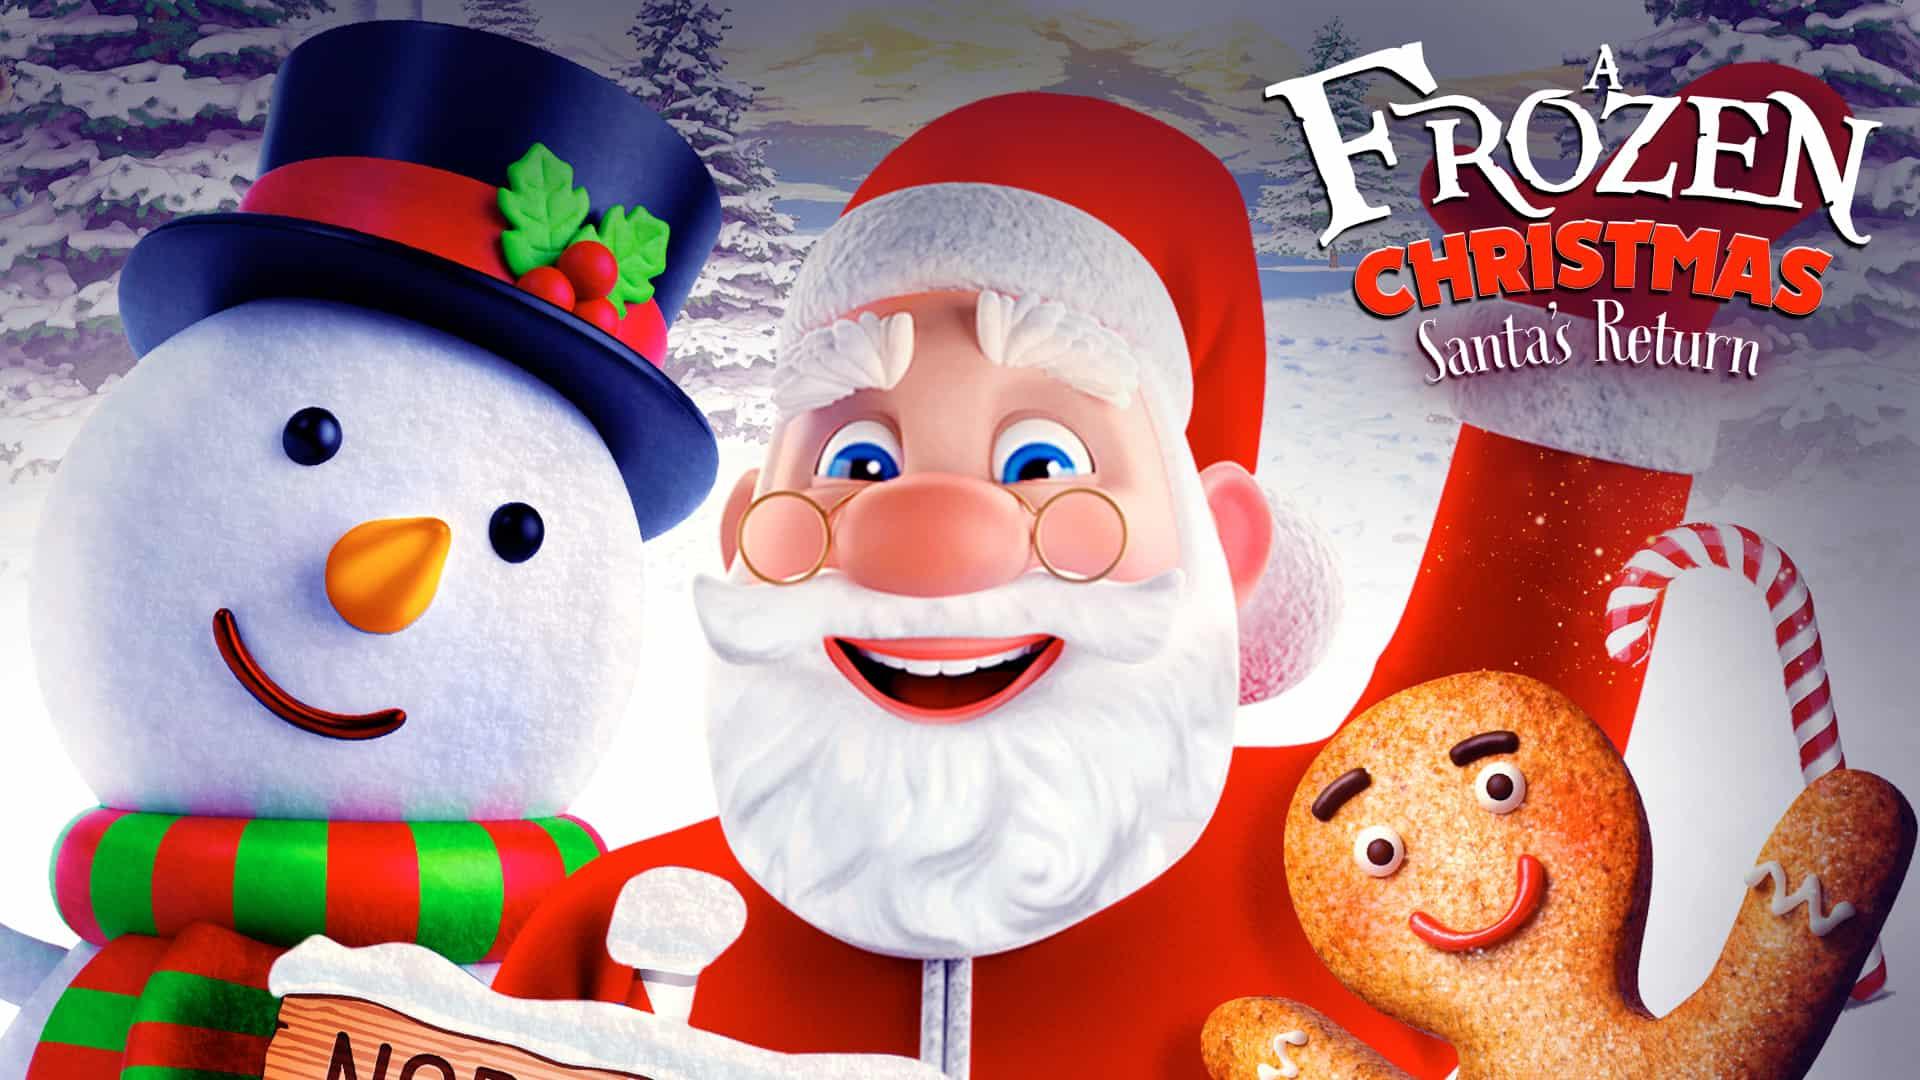 Frozen Christmas.A Frozen Christmas Santa S Return Signature Entertainment